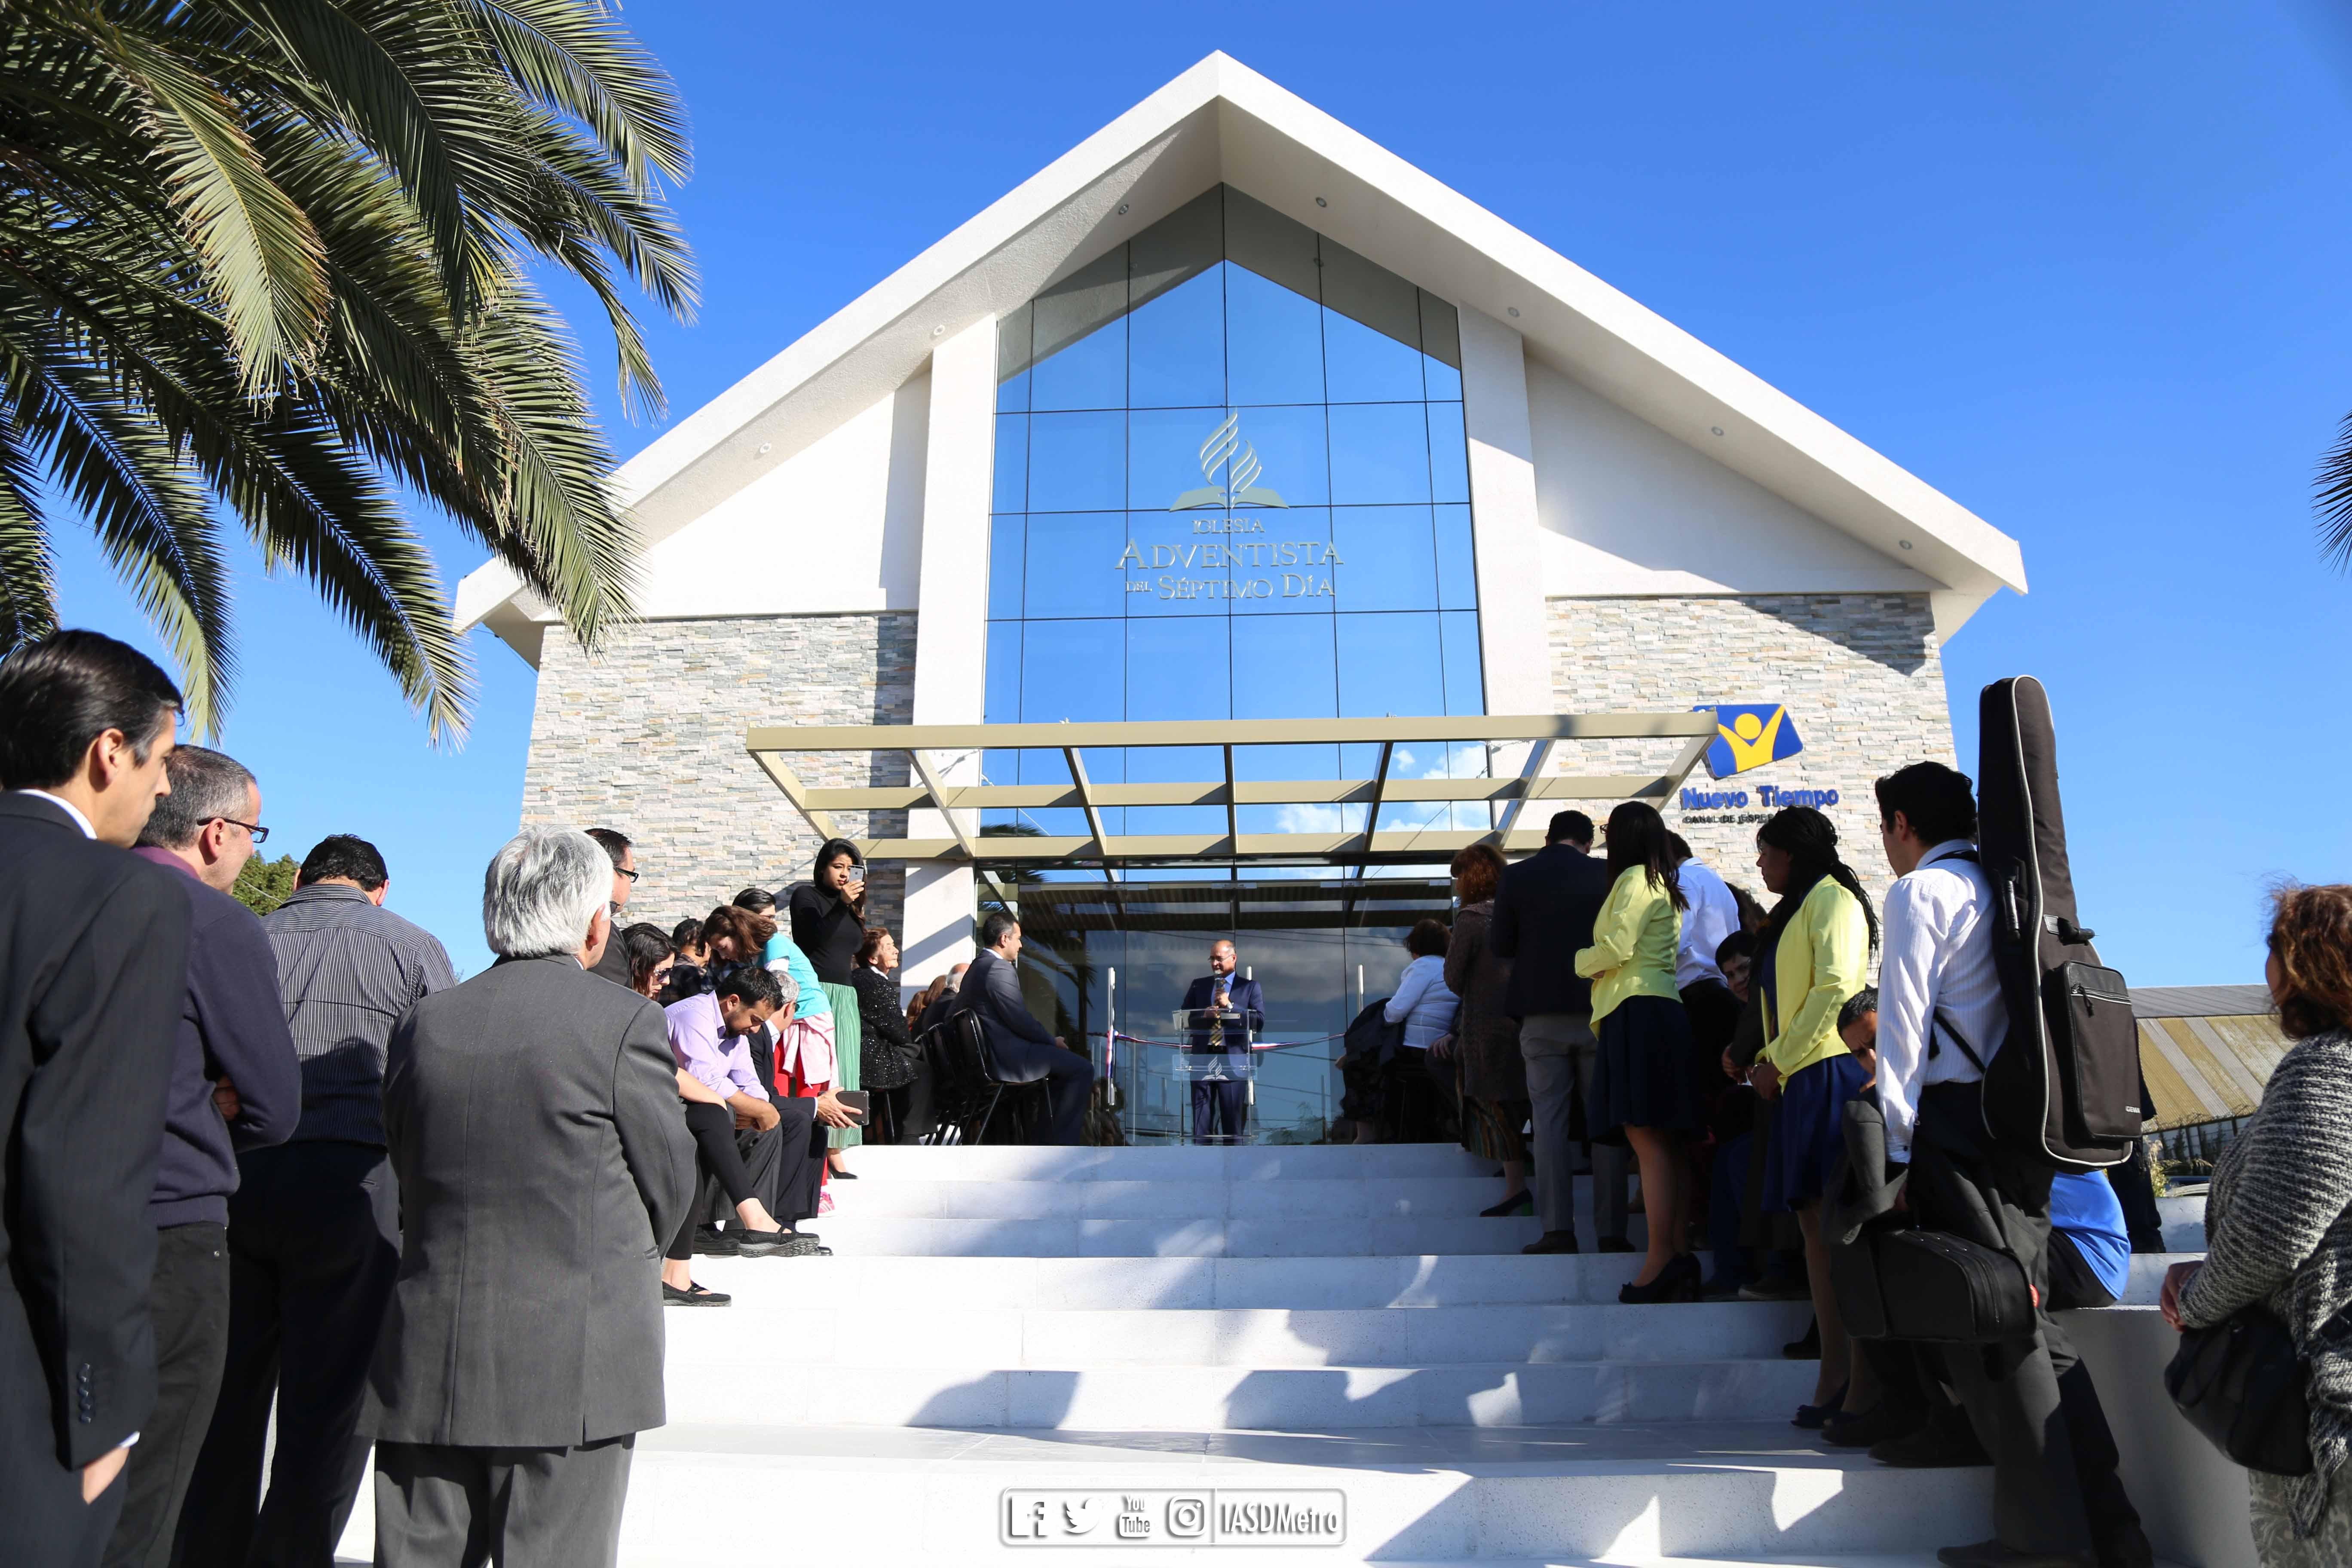 Inauguración de la nueva fachada de la iglesia Adventista en Maipú